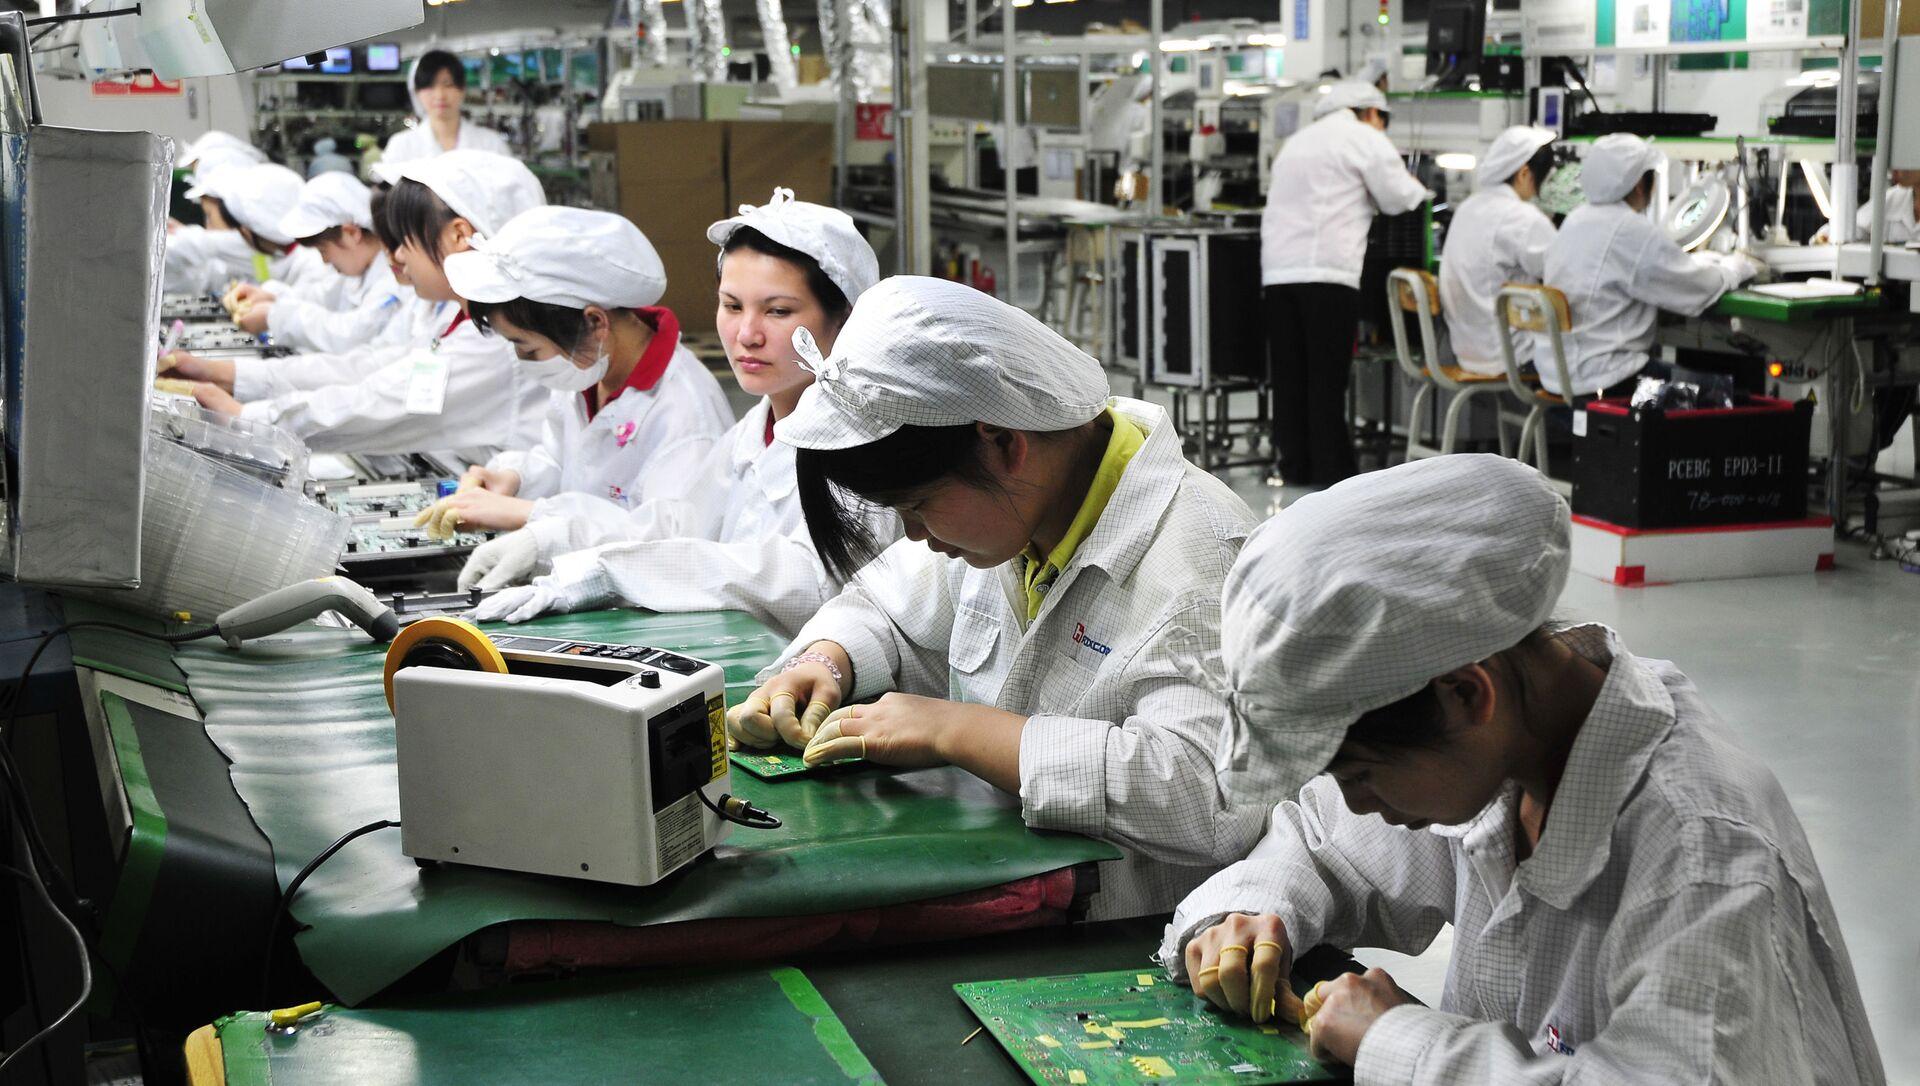 Công nhân làm việc trong phân xưởng của nhà máy Foxconn Technology Group ở Thâm Quyến, Trung Quốc - Sputnik Việt Nam, 1920, 28.05.2021